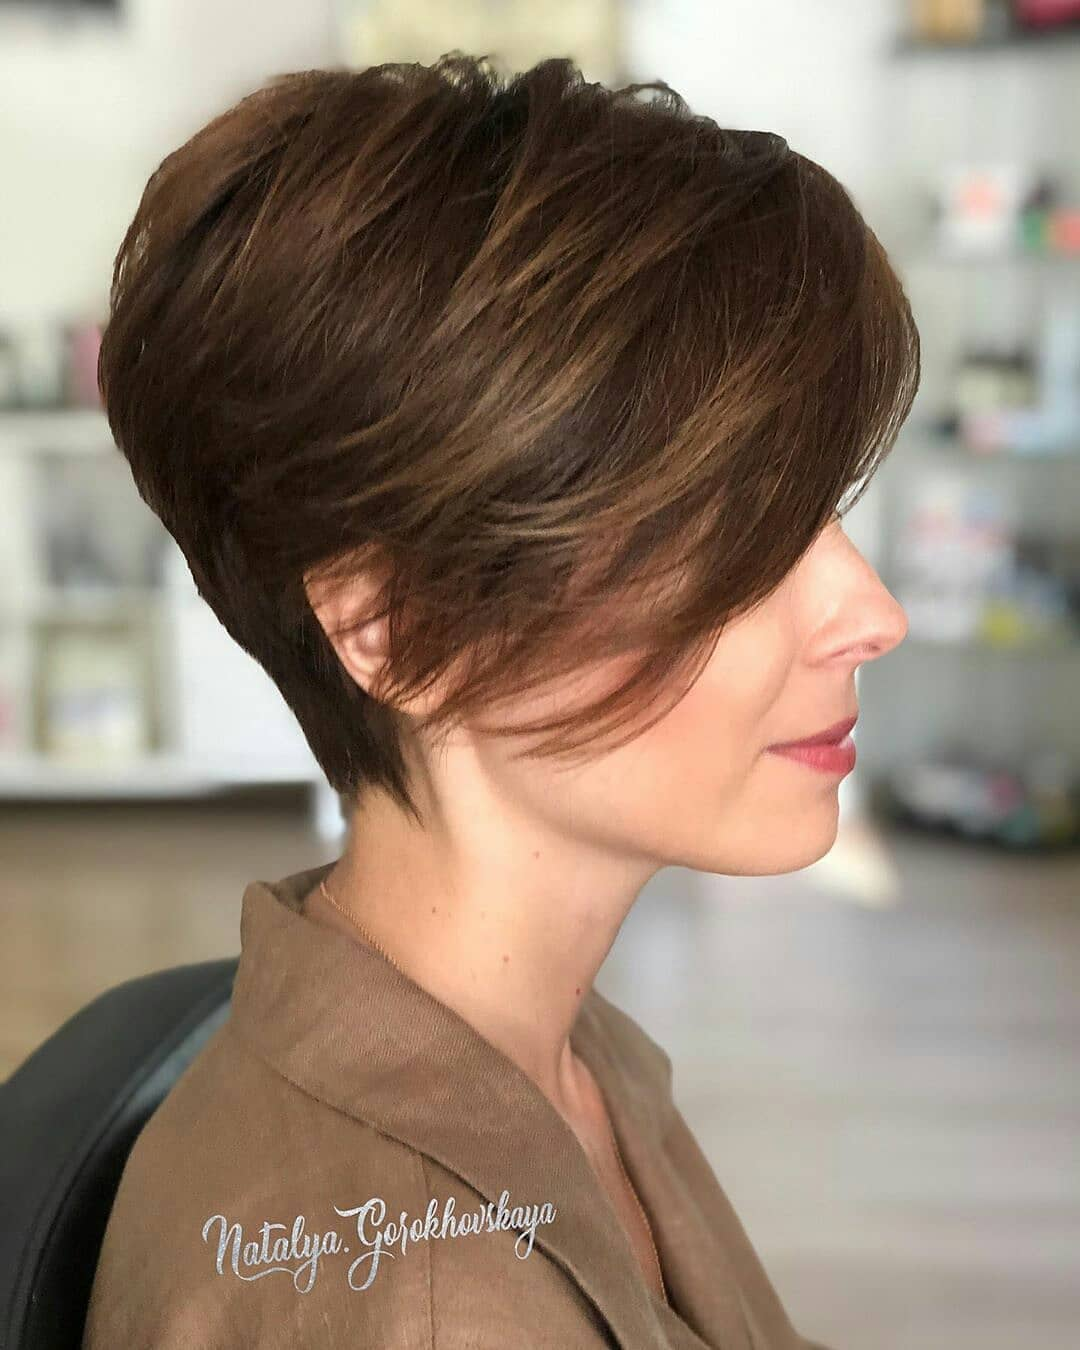 Stilvolle Kurzhaarschnitte für dickes Haar - Süße Kurzhaarfrisuren für Frauen